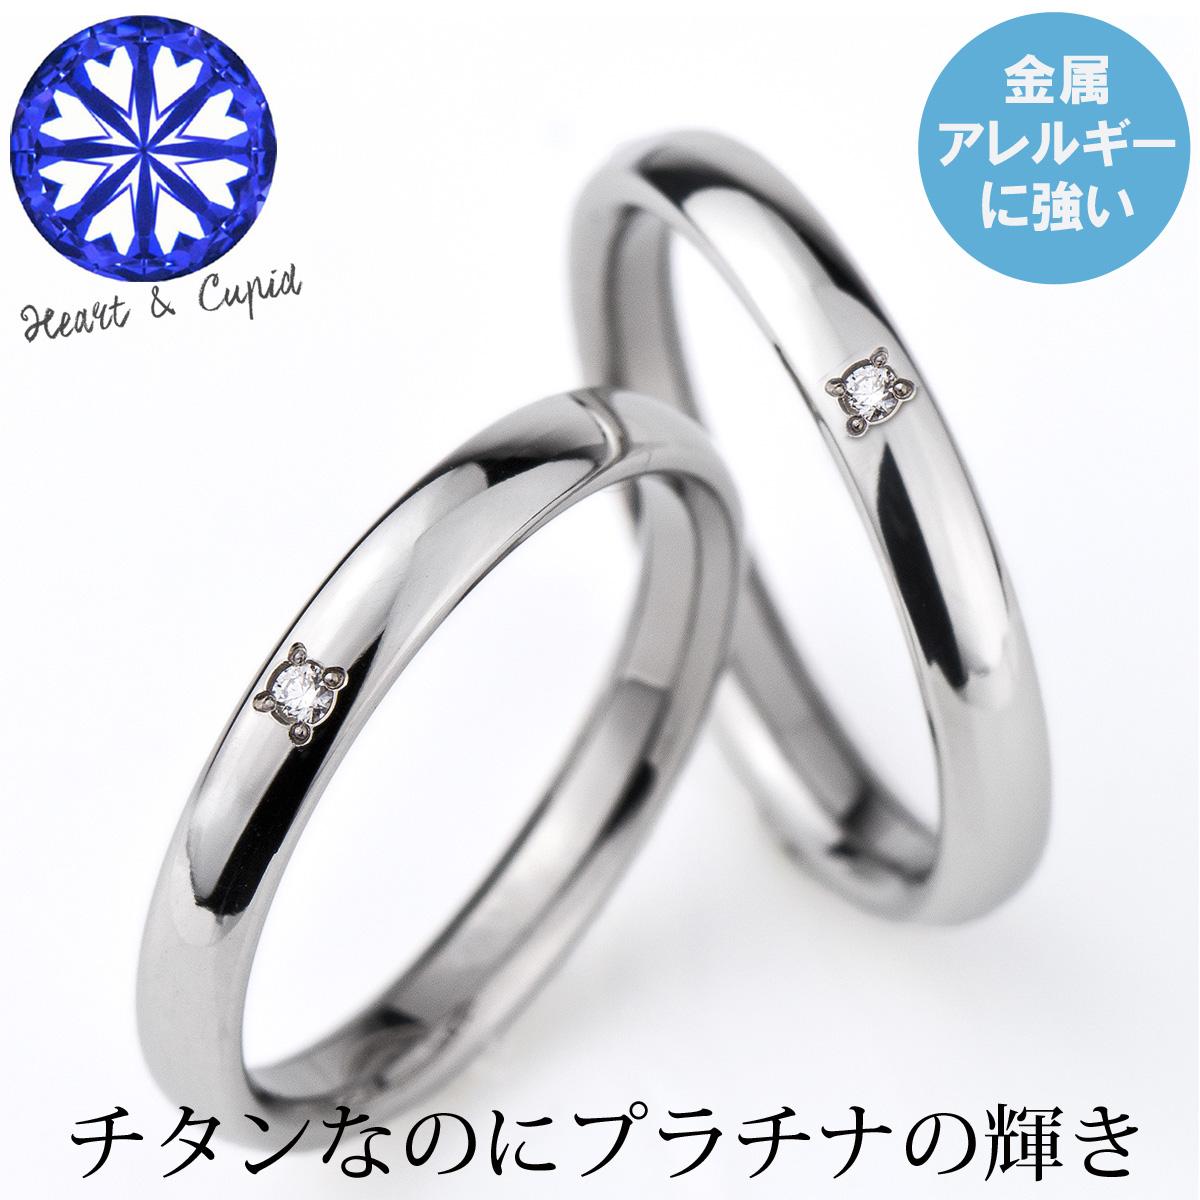 結婚指輪 ペアリング チタン マリッジリング プラチナ イオンプレーティング加工 ダイヤモンド付き 日本製 鏡面仕上げ   ペアセット  刻印無料(文字彫り) 金属アレルギーにも強い アレルギーフリー 安心 ブライダルリング 刻印可能 純チタン ハート&キューピット